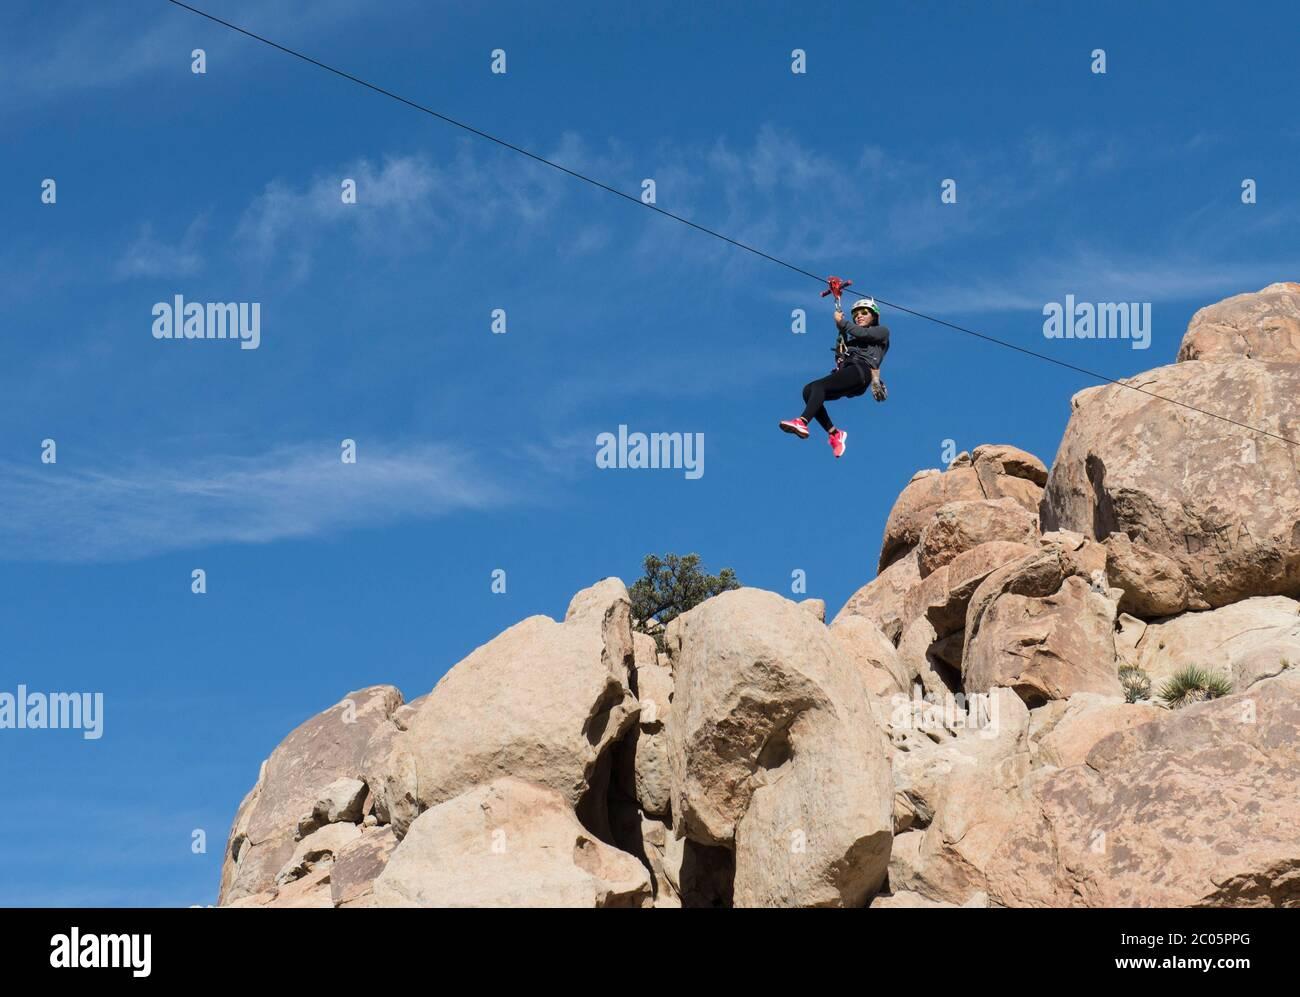 Les gens dans les montagnes bénéficiant d'une tyrolienne dans les montagnes de la Rumorosa, dans le cadre d'un concept de style de vie et de sports extrêmes. Baja Californie, Mexique. Banque D'Images